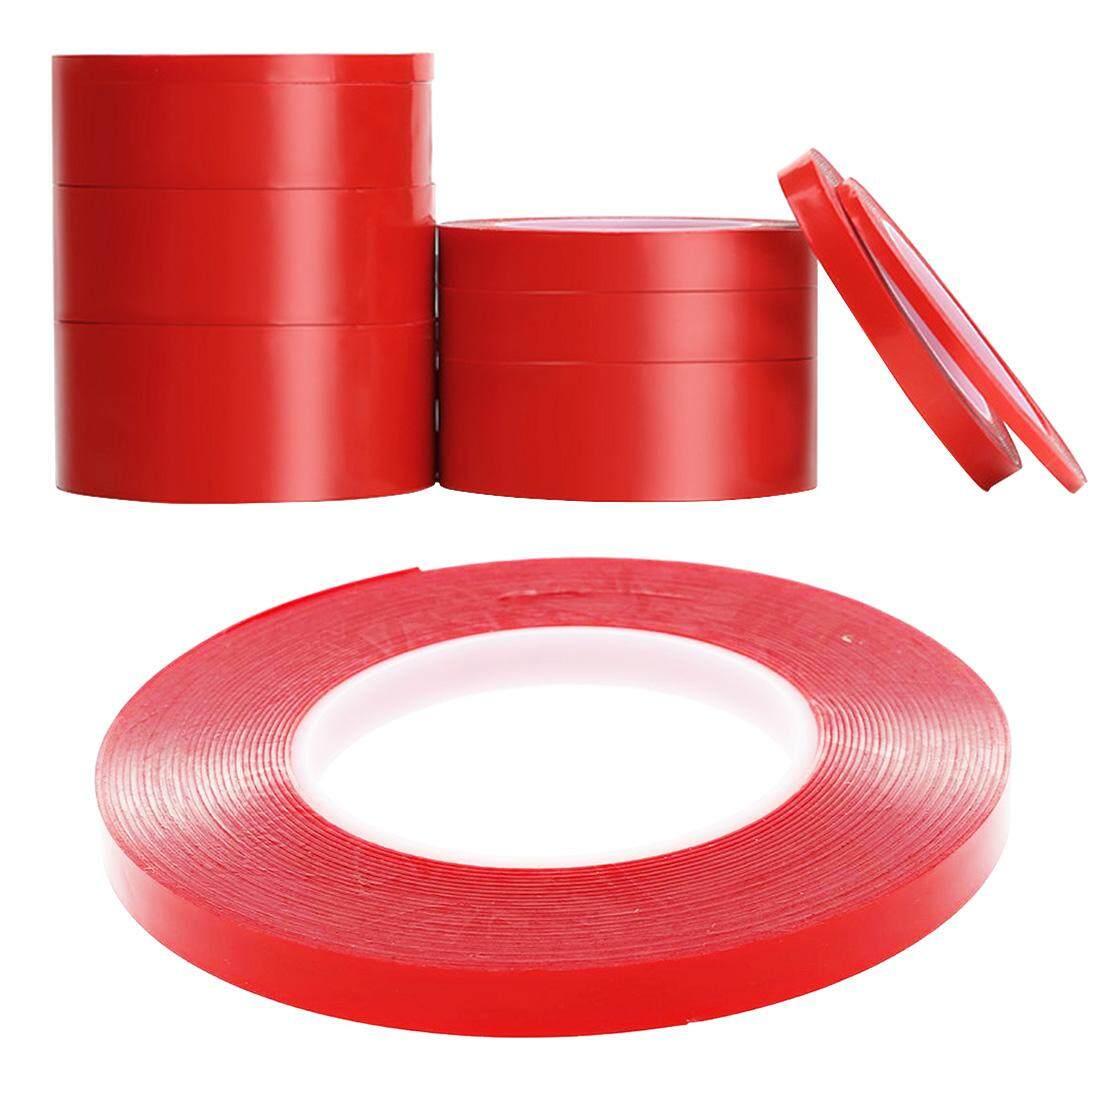 ... 2 Film Merah Crystal Double-Tape Tahan Panas Mobil Tanpa Jejak - 3 ...